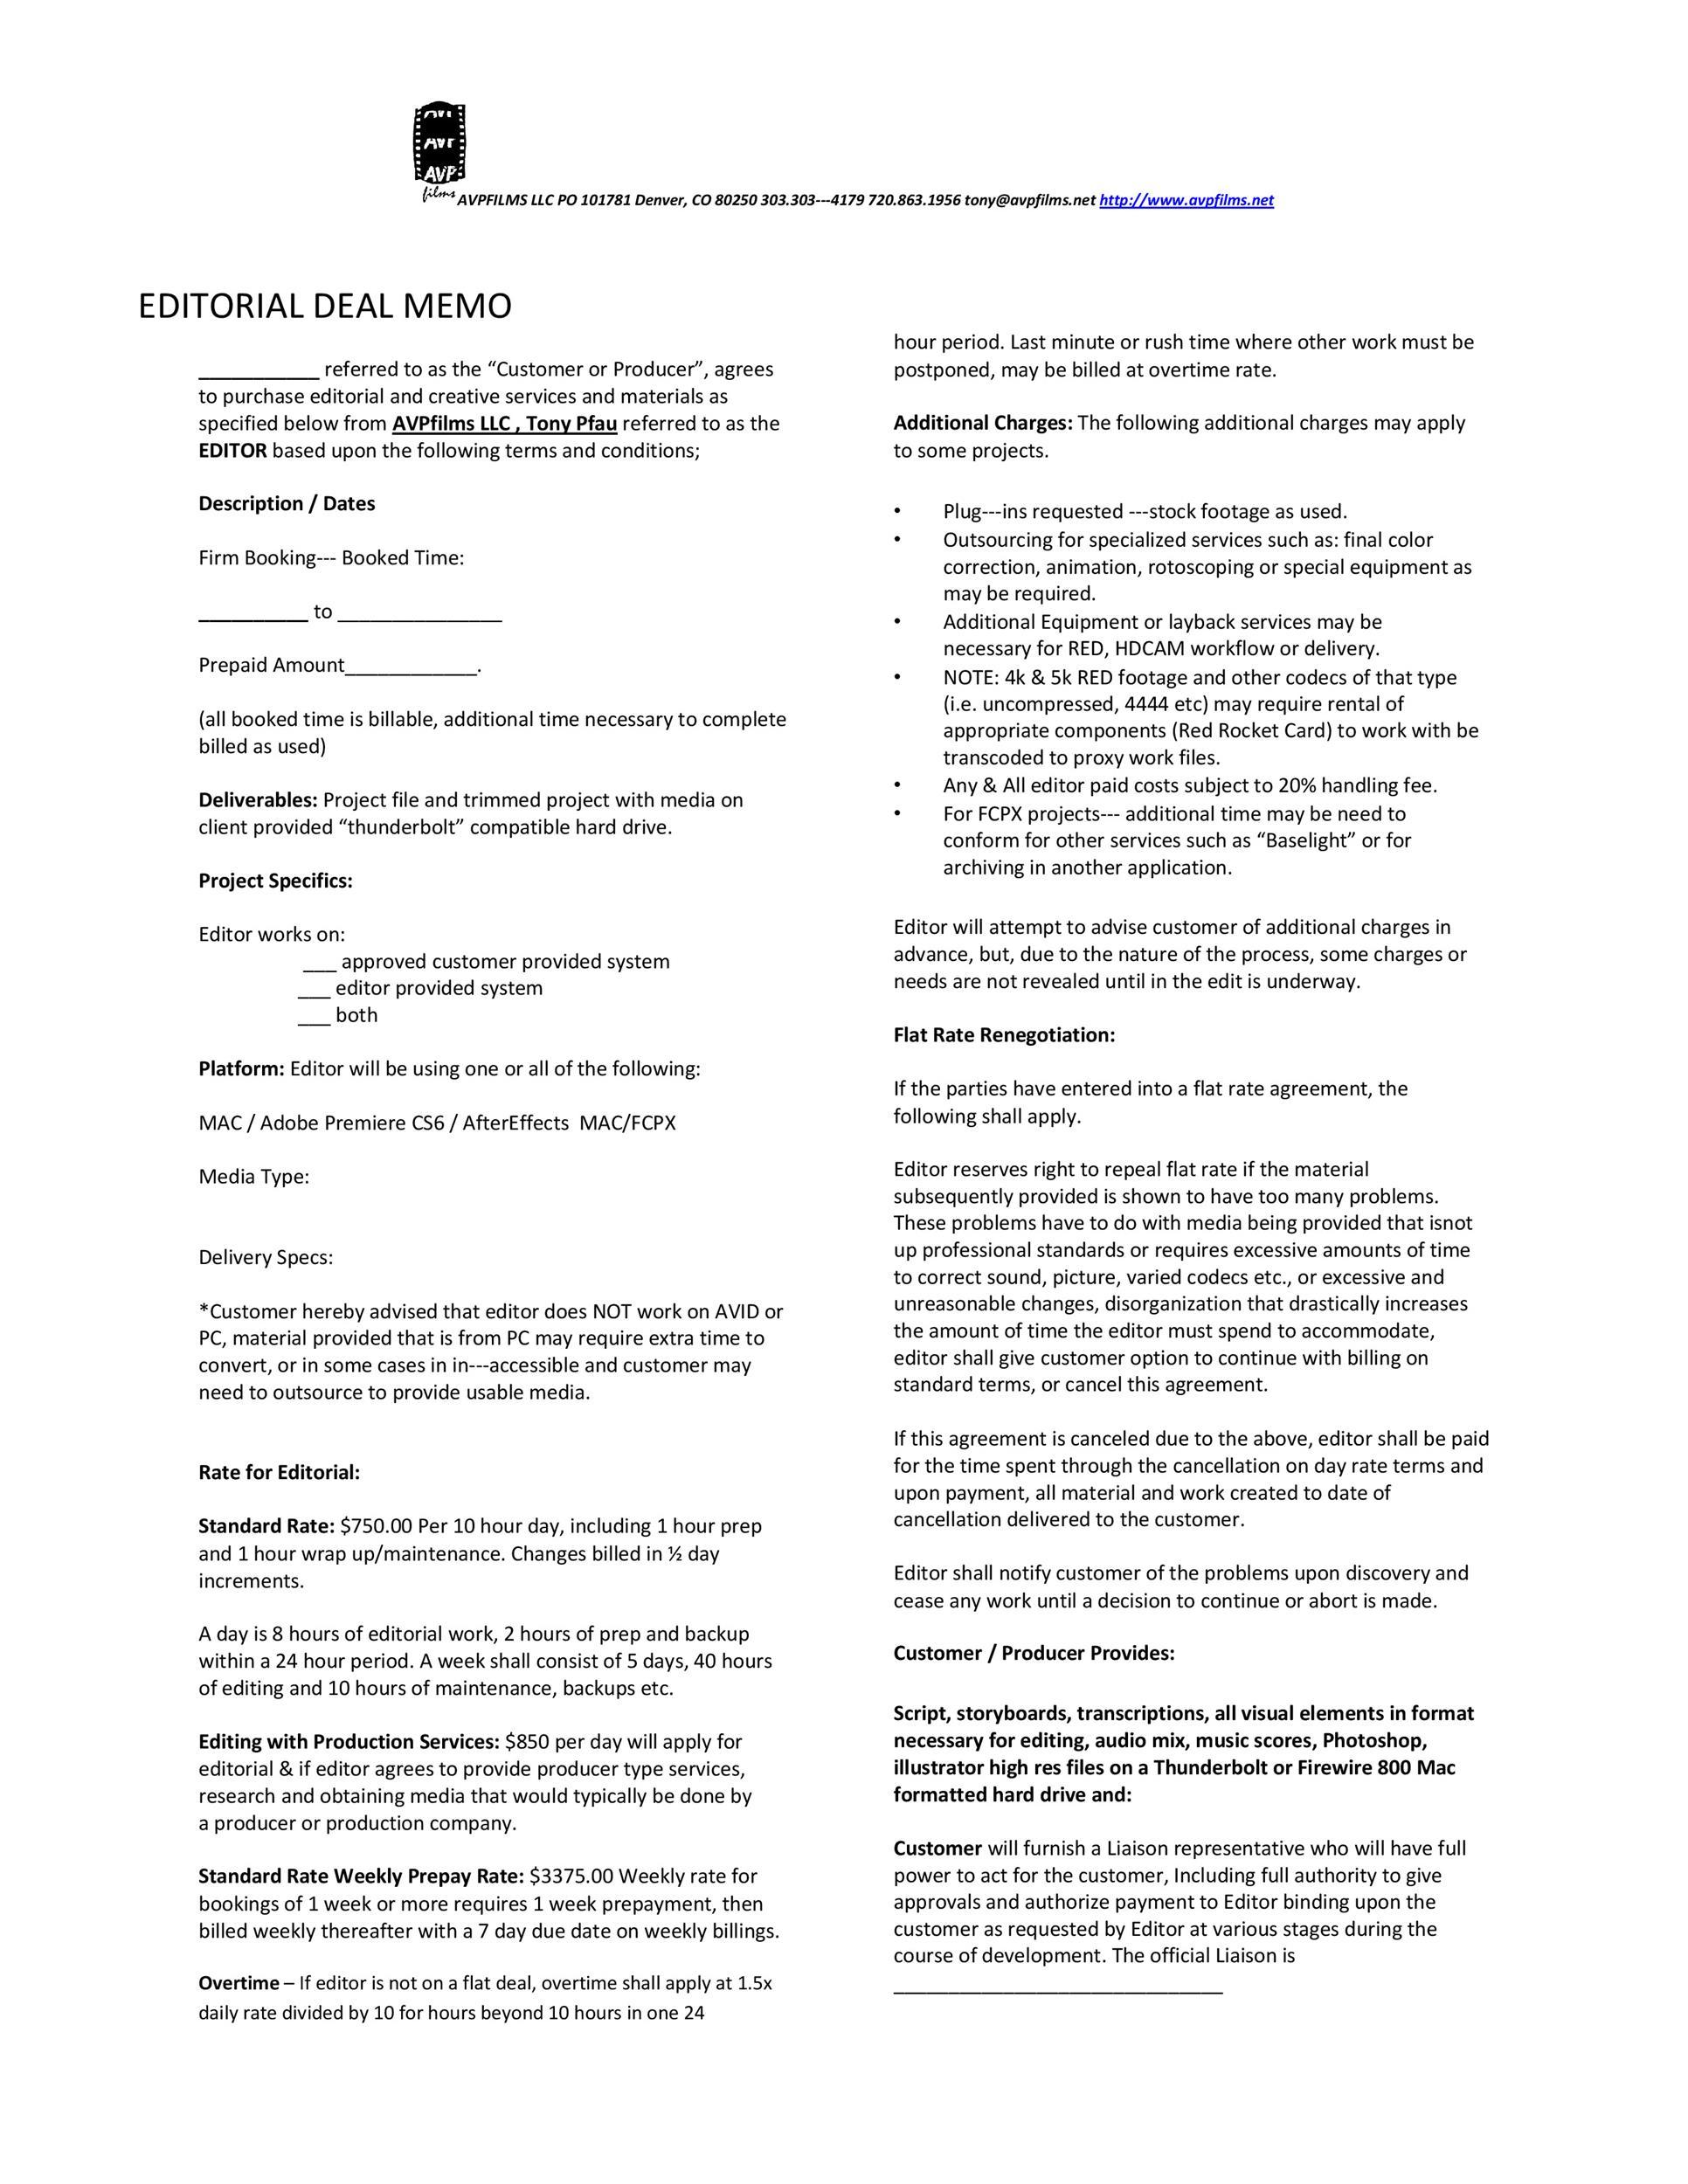 Free deal memo template 03